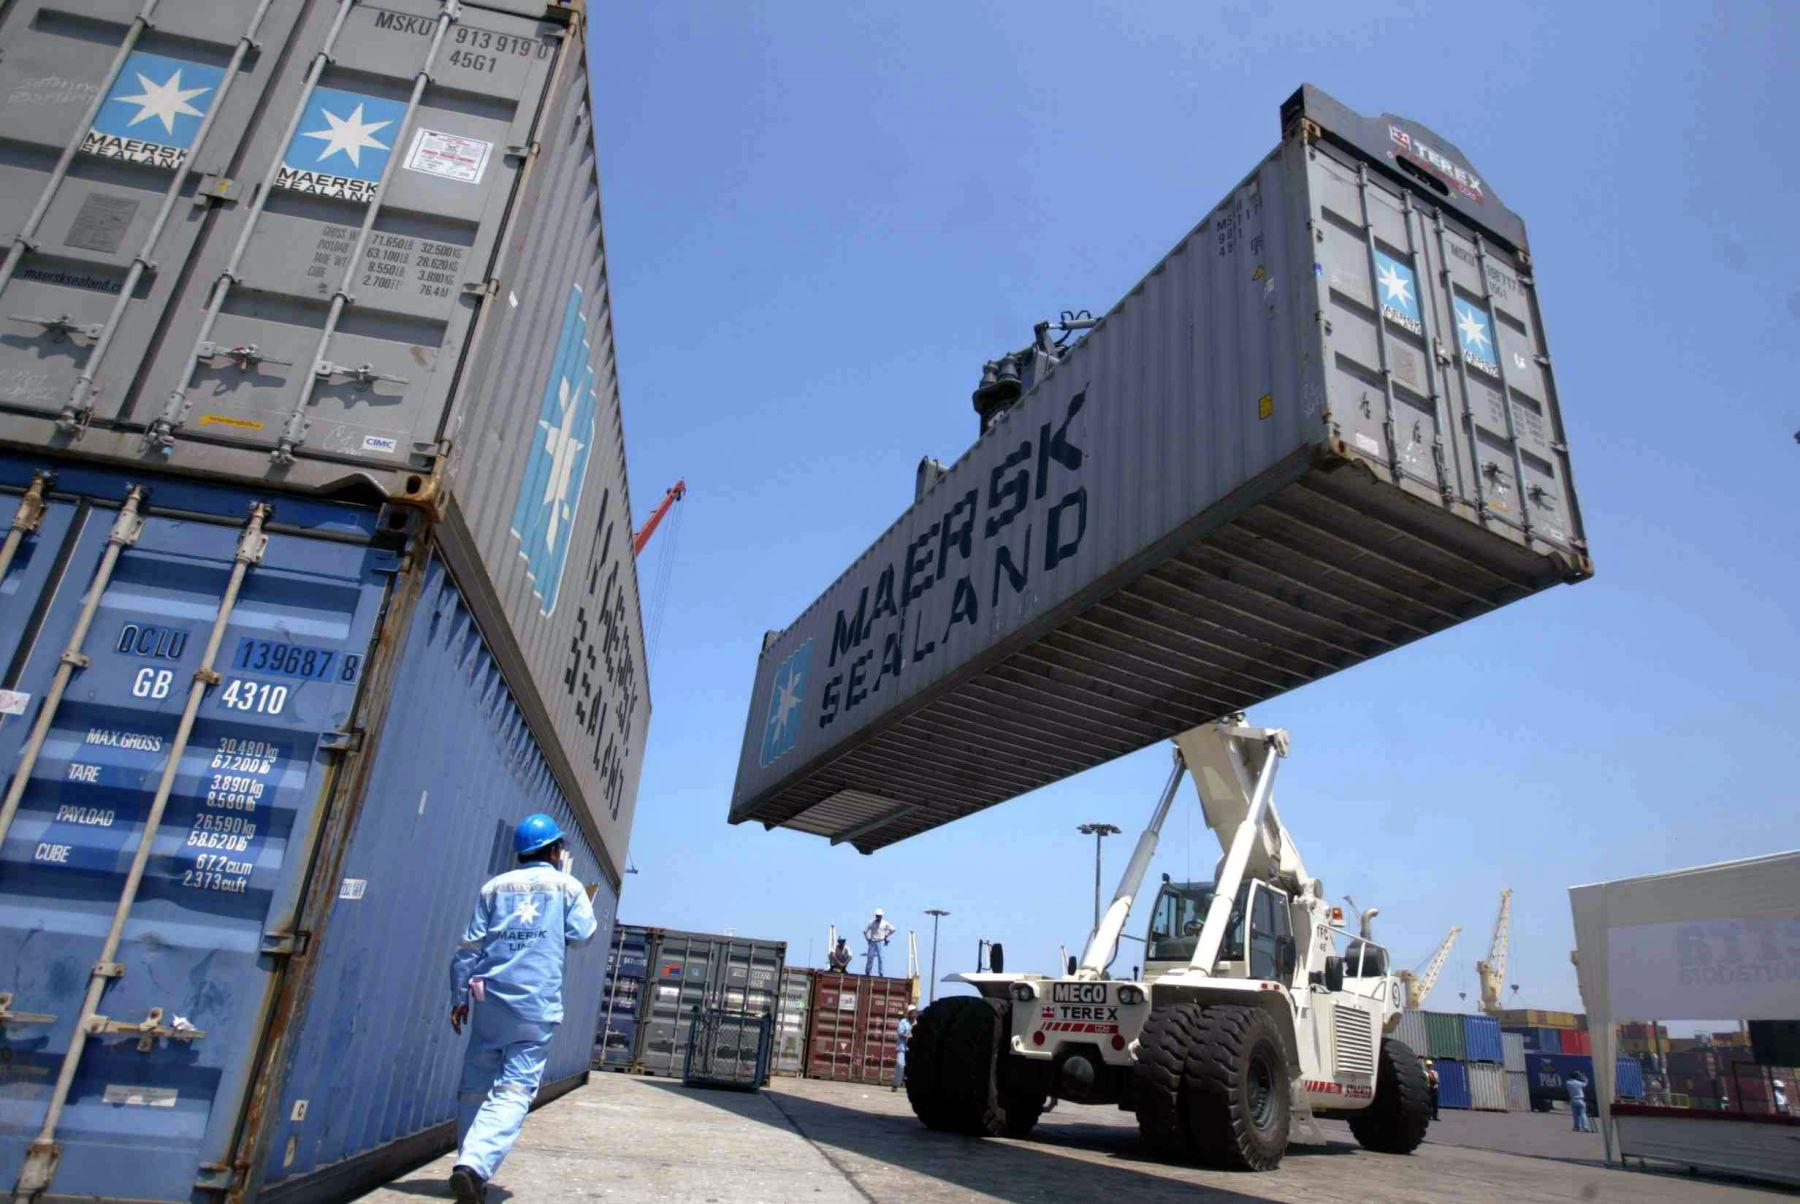 Más allá del TPP: ¿qué acuerdo alternativo tiene en agenda el APEC?